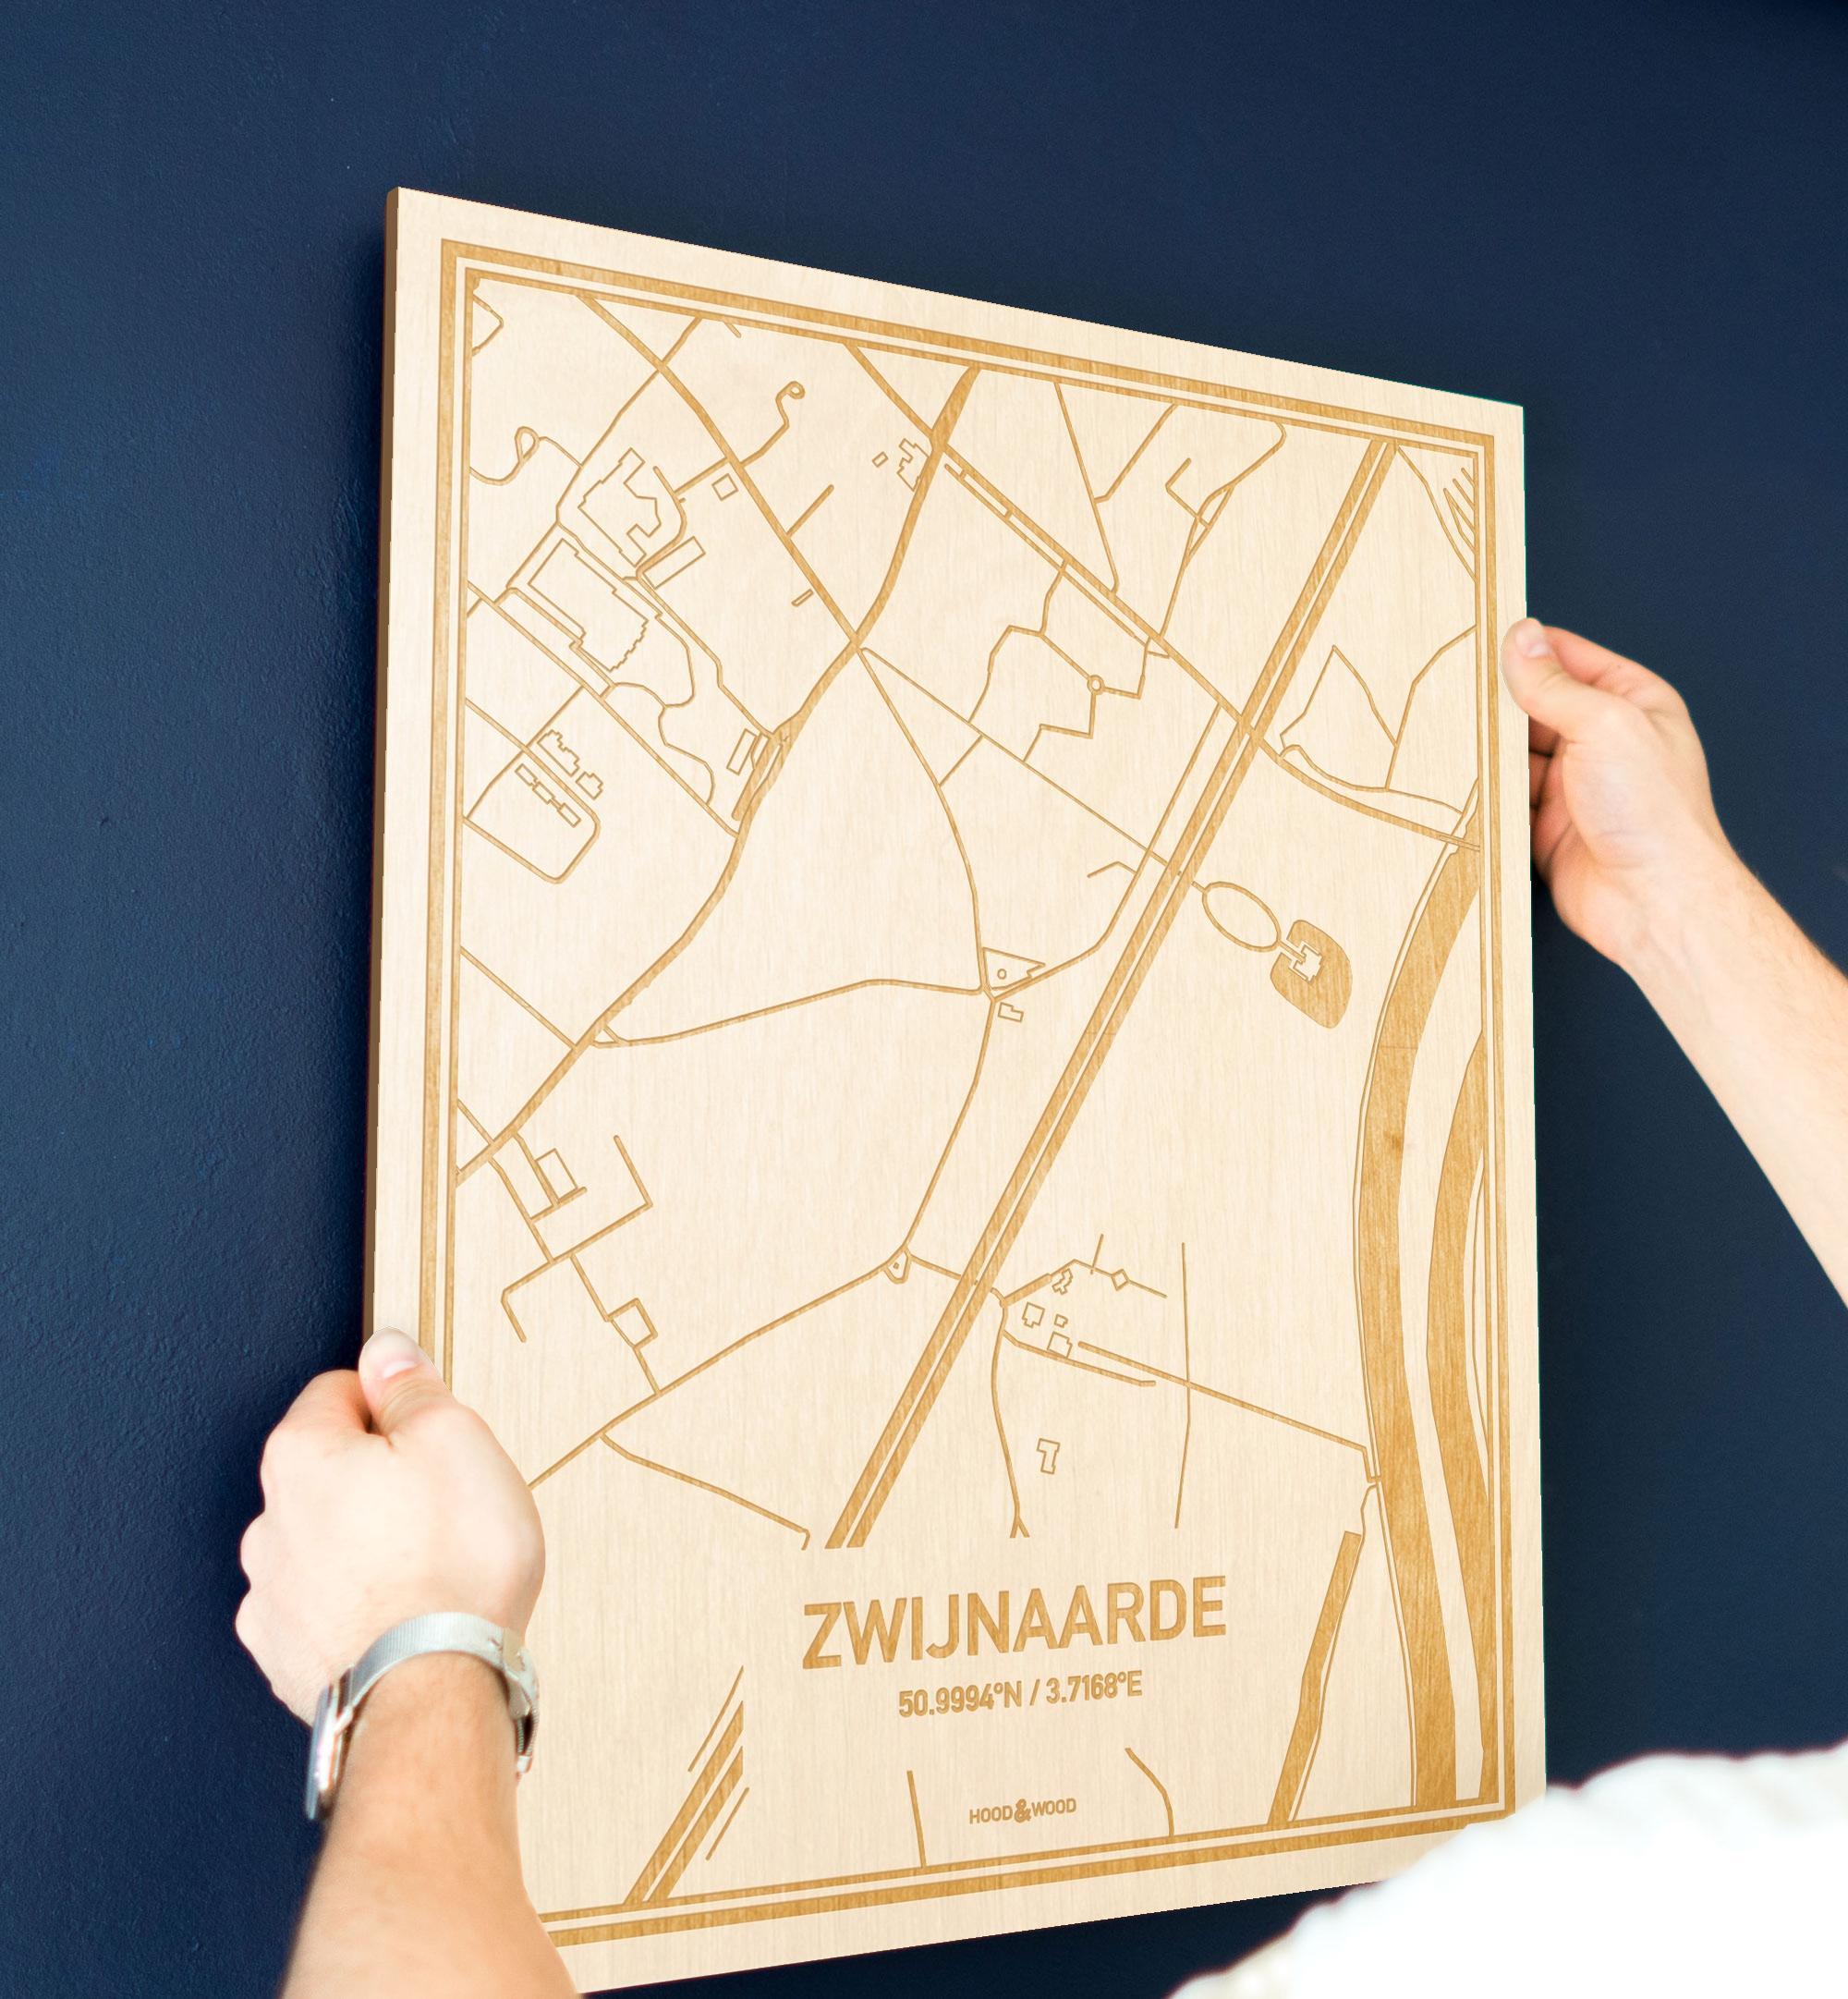 Een man hangt de houten plattegrond Zwijnaarde aan zijn blauwe muur ter decoratie. Je ziet alleen zijn handen de kaart van deze bijzondere in Oost-Vlaanderen  vasthouden.